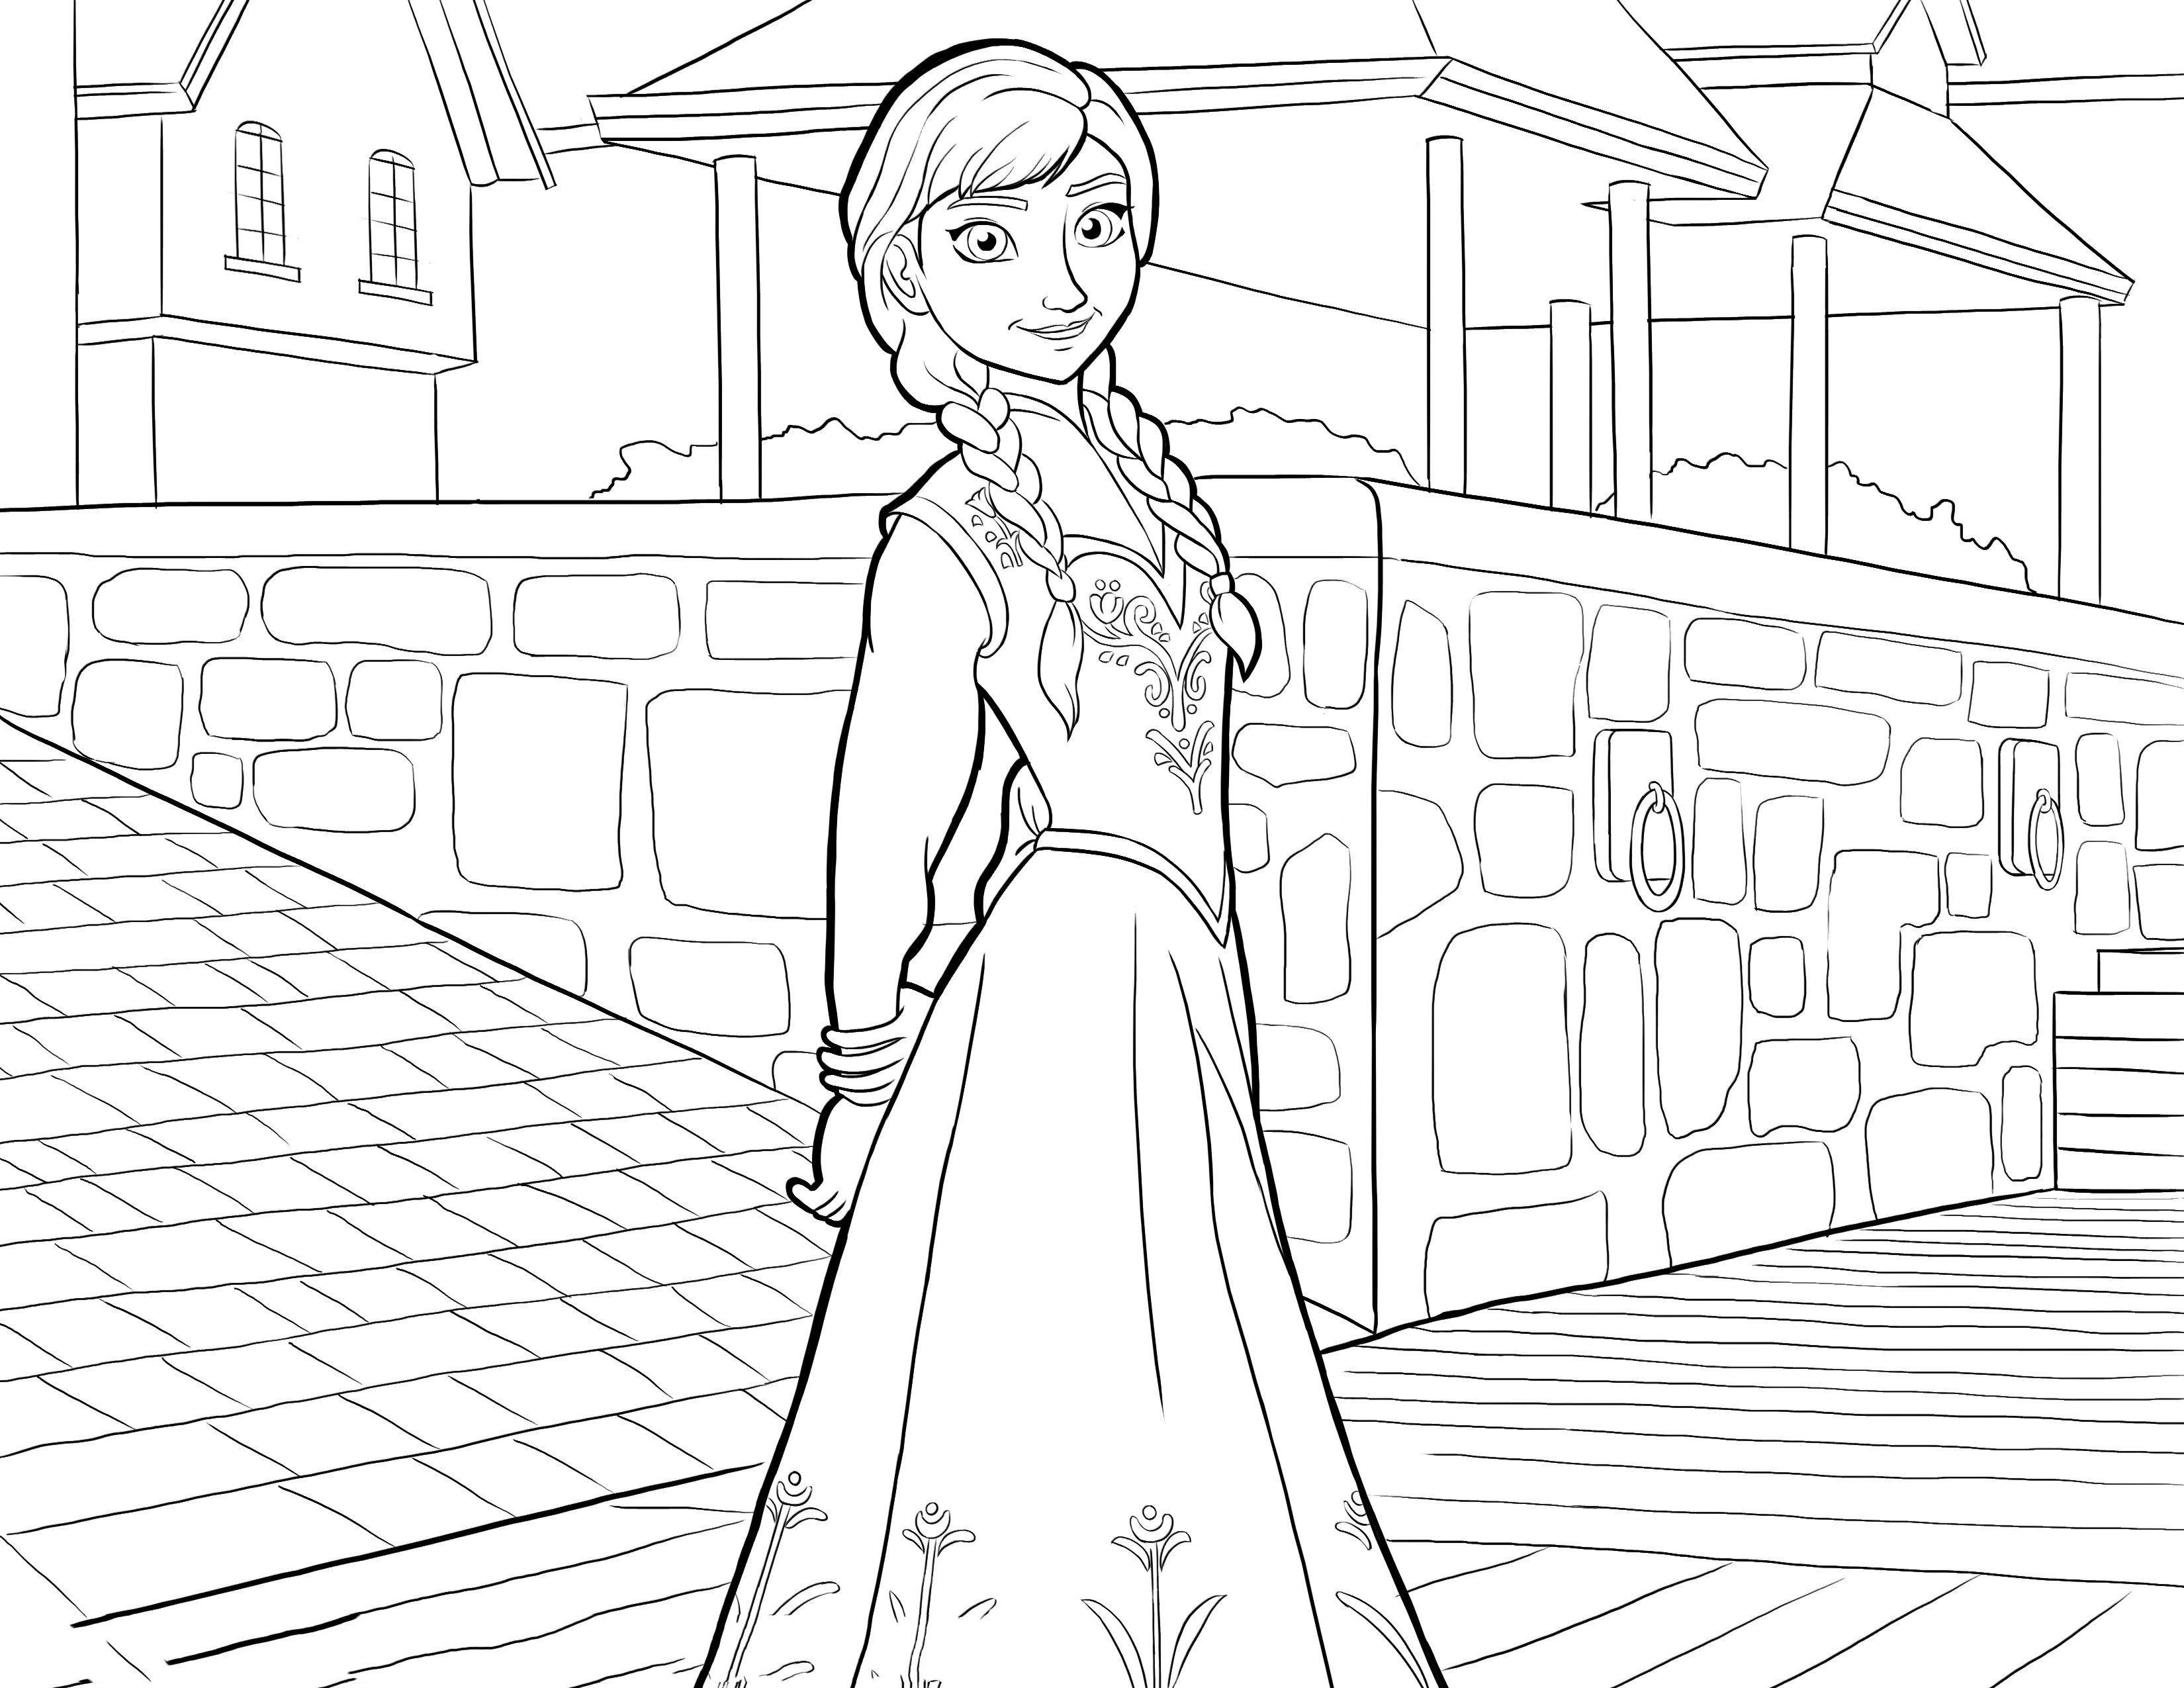 Gratis Ausmalbilder Anna Und Elsa : Frozen Ausmalbilder Malvorlagen Zeichnung Druckbare N 3